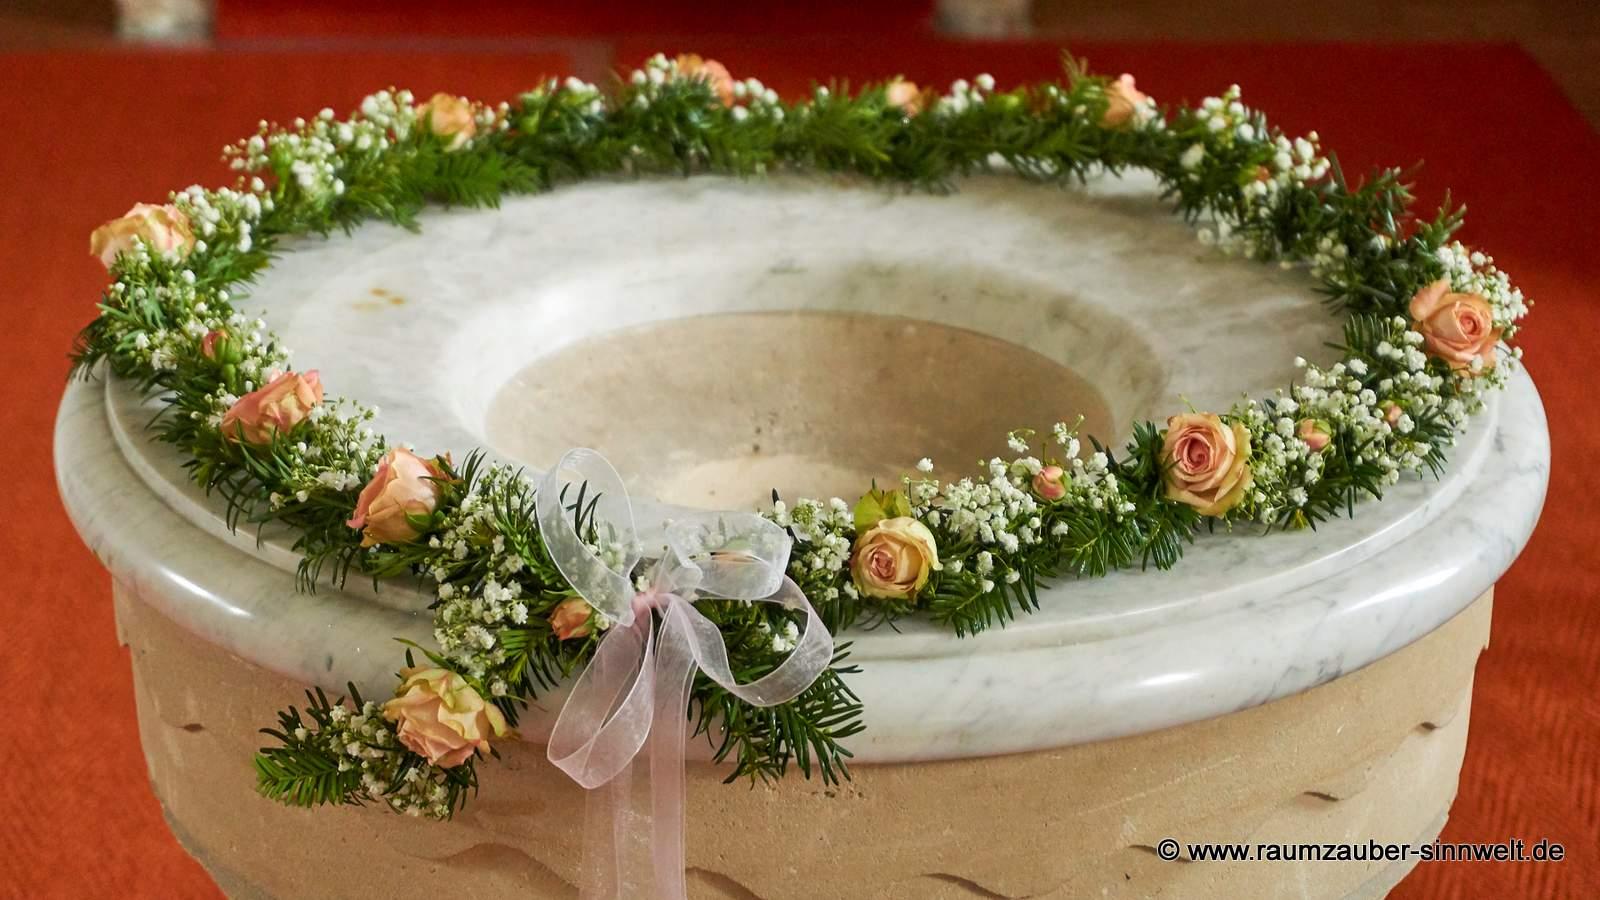 Blütenring aus Eibe mit Rosen und Schleierkraut für das Taufbecken